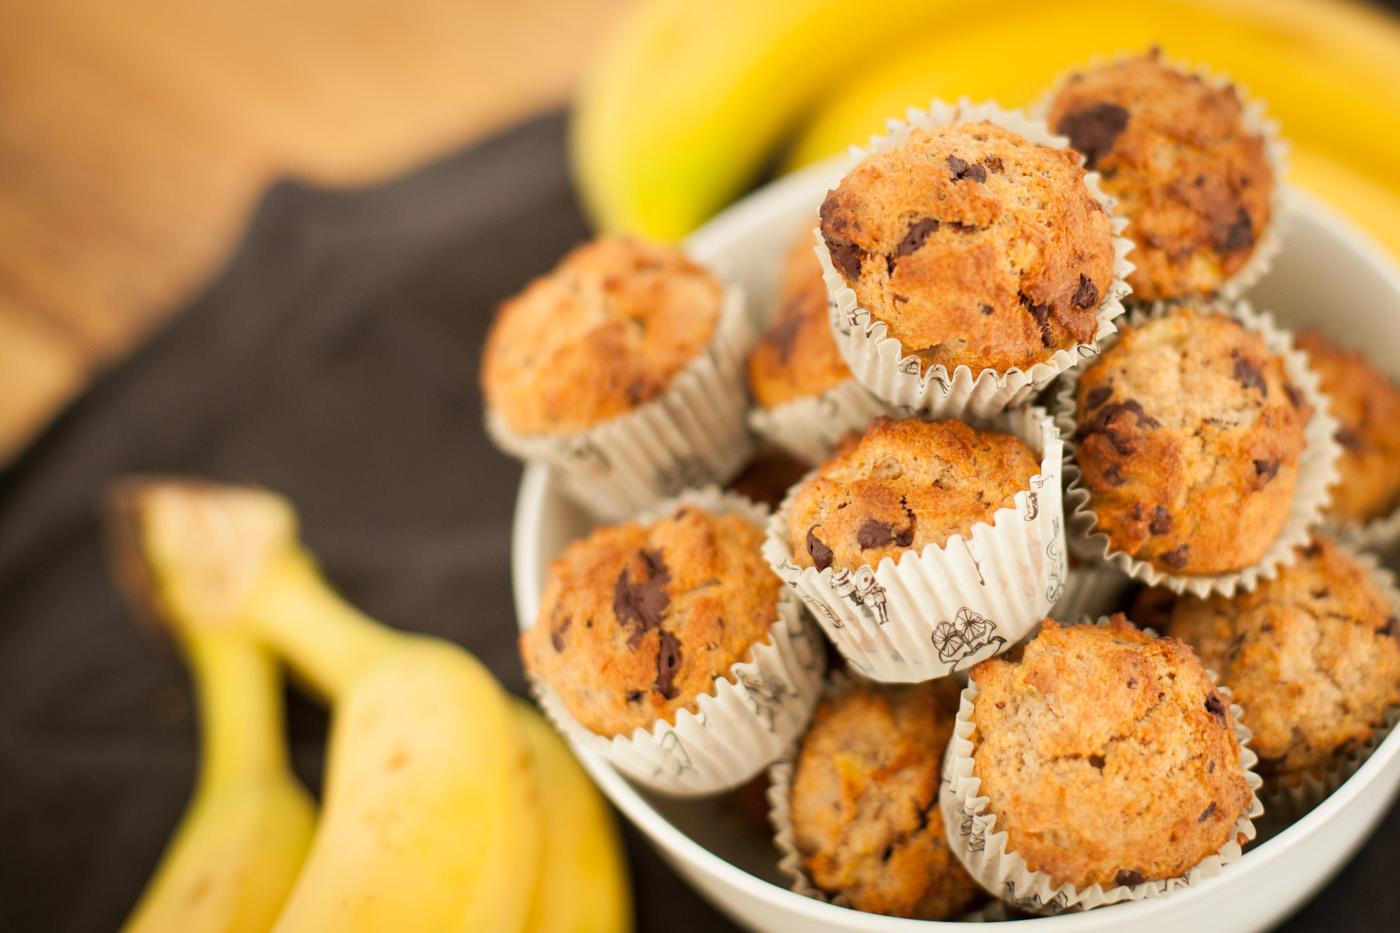 bananenmuffins-9540